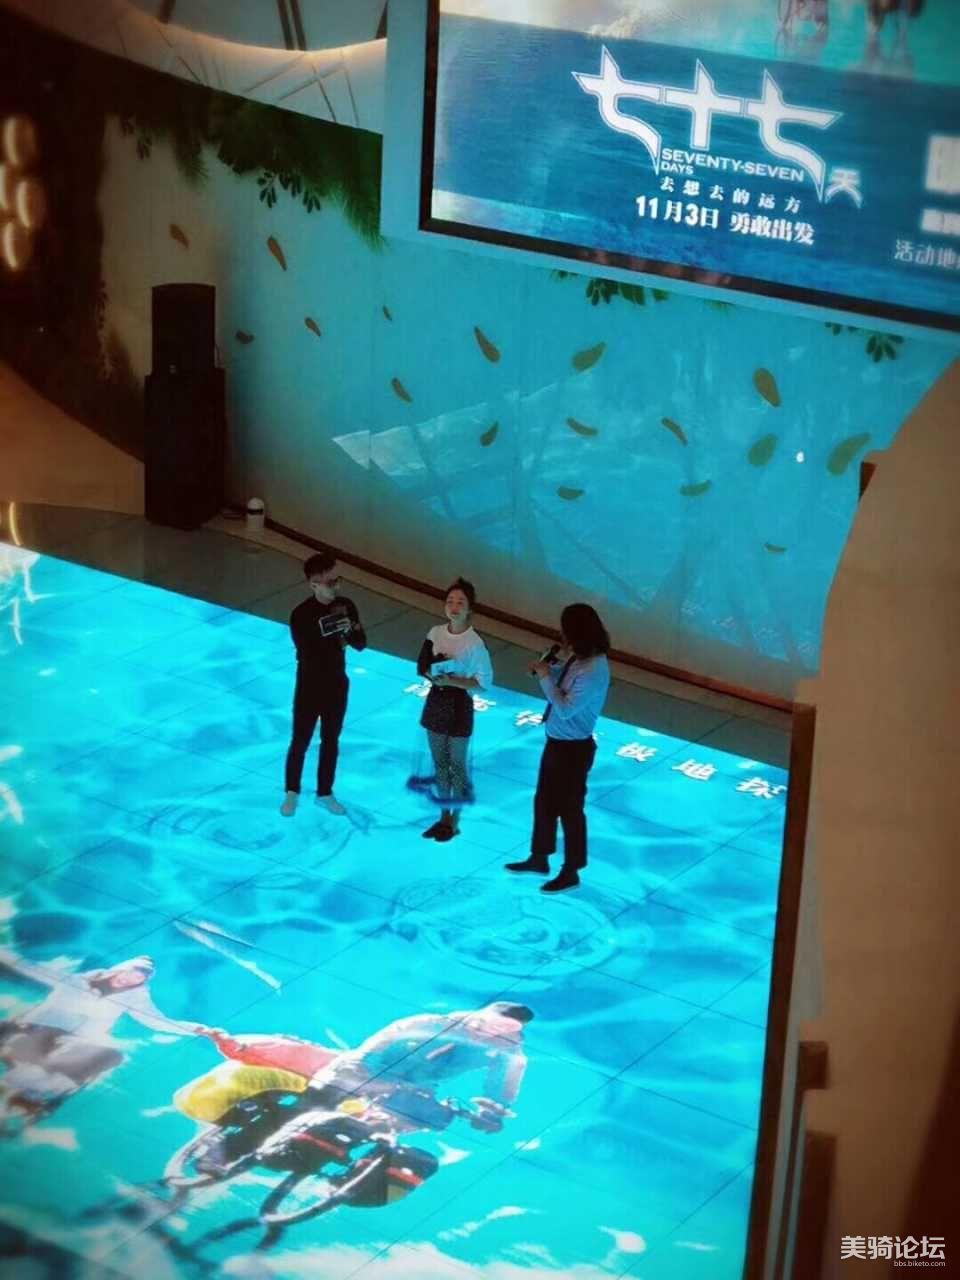 壁纸 海底 海底世界 海洋馆 水族馆 泳池 游泳池 960_1280 竖版 竖屏